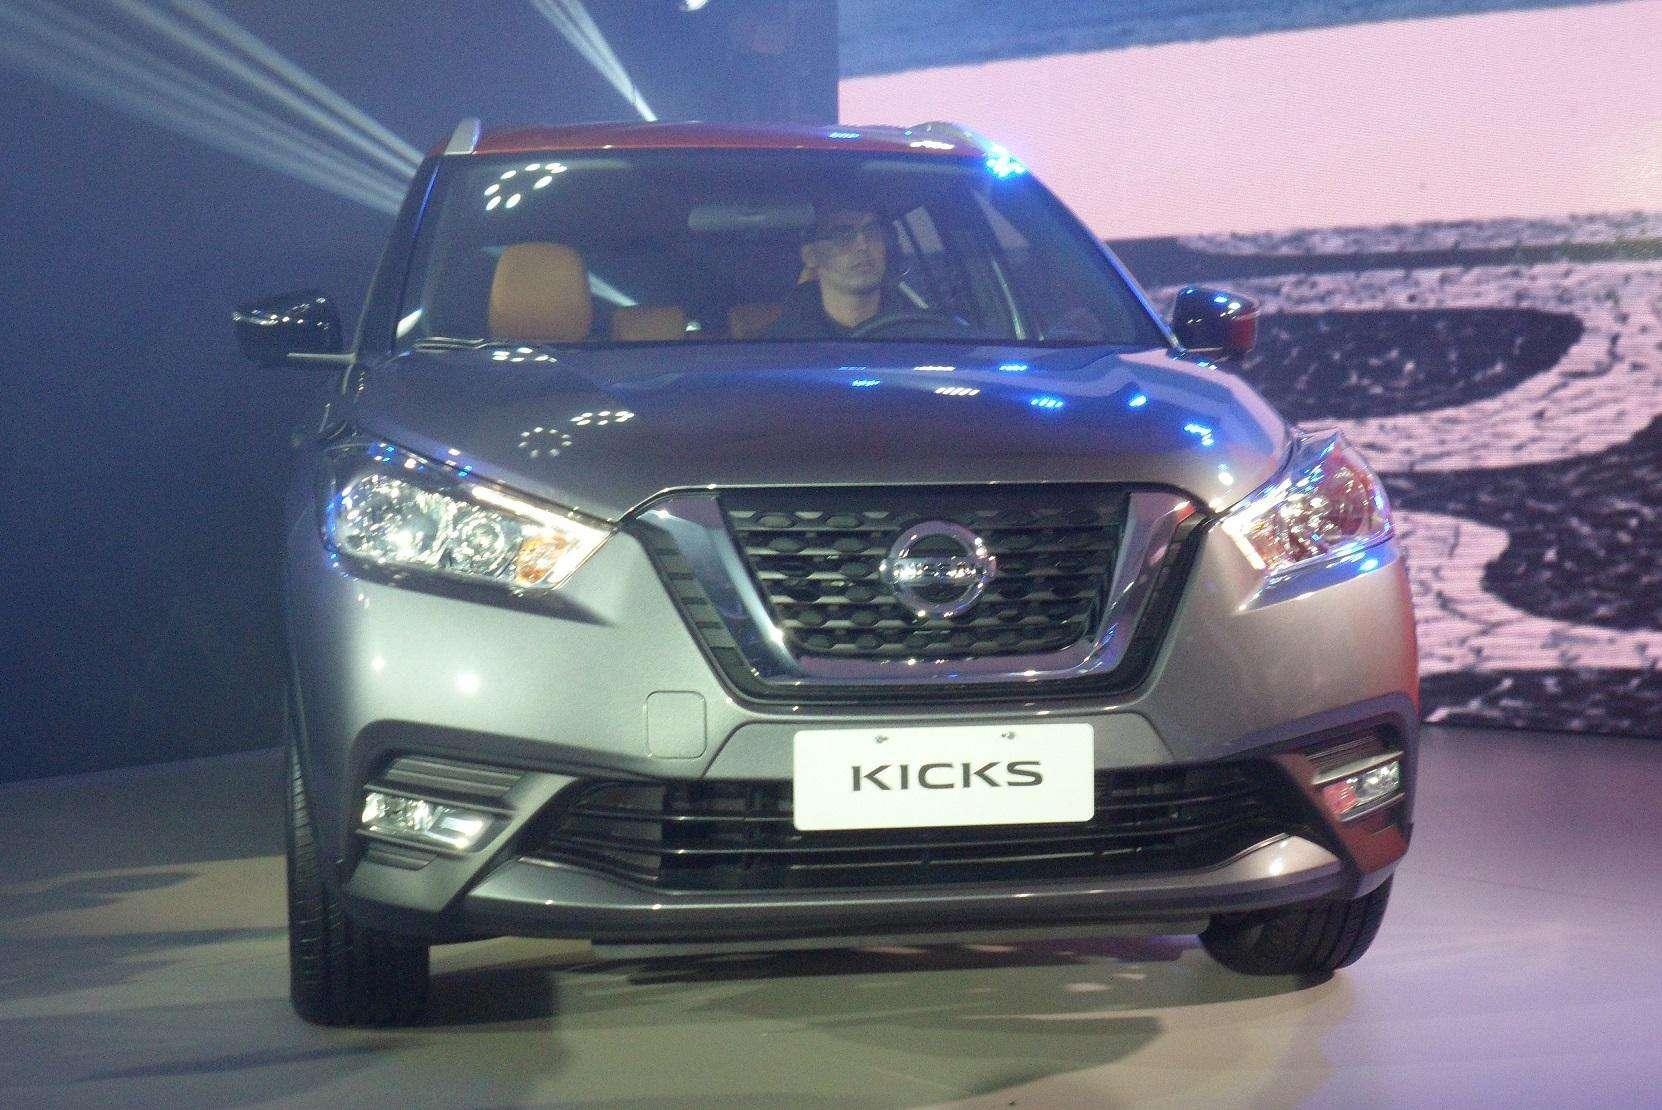 Conheça em detalhes o Nissan Kicks, o SUV das Olimpíadas Rio 2016